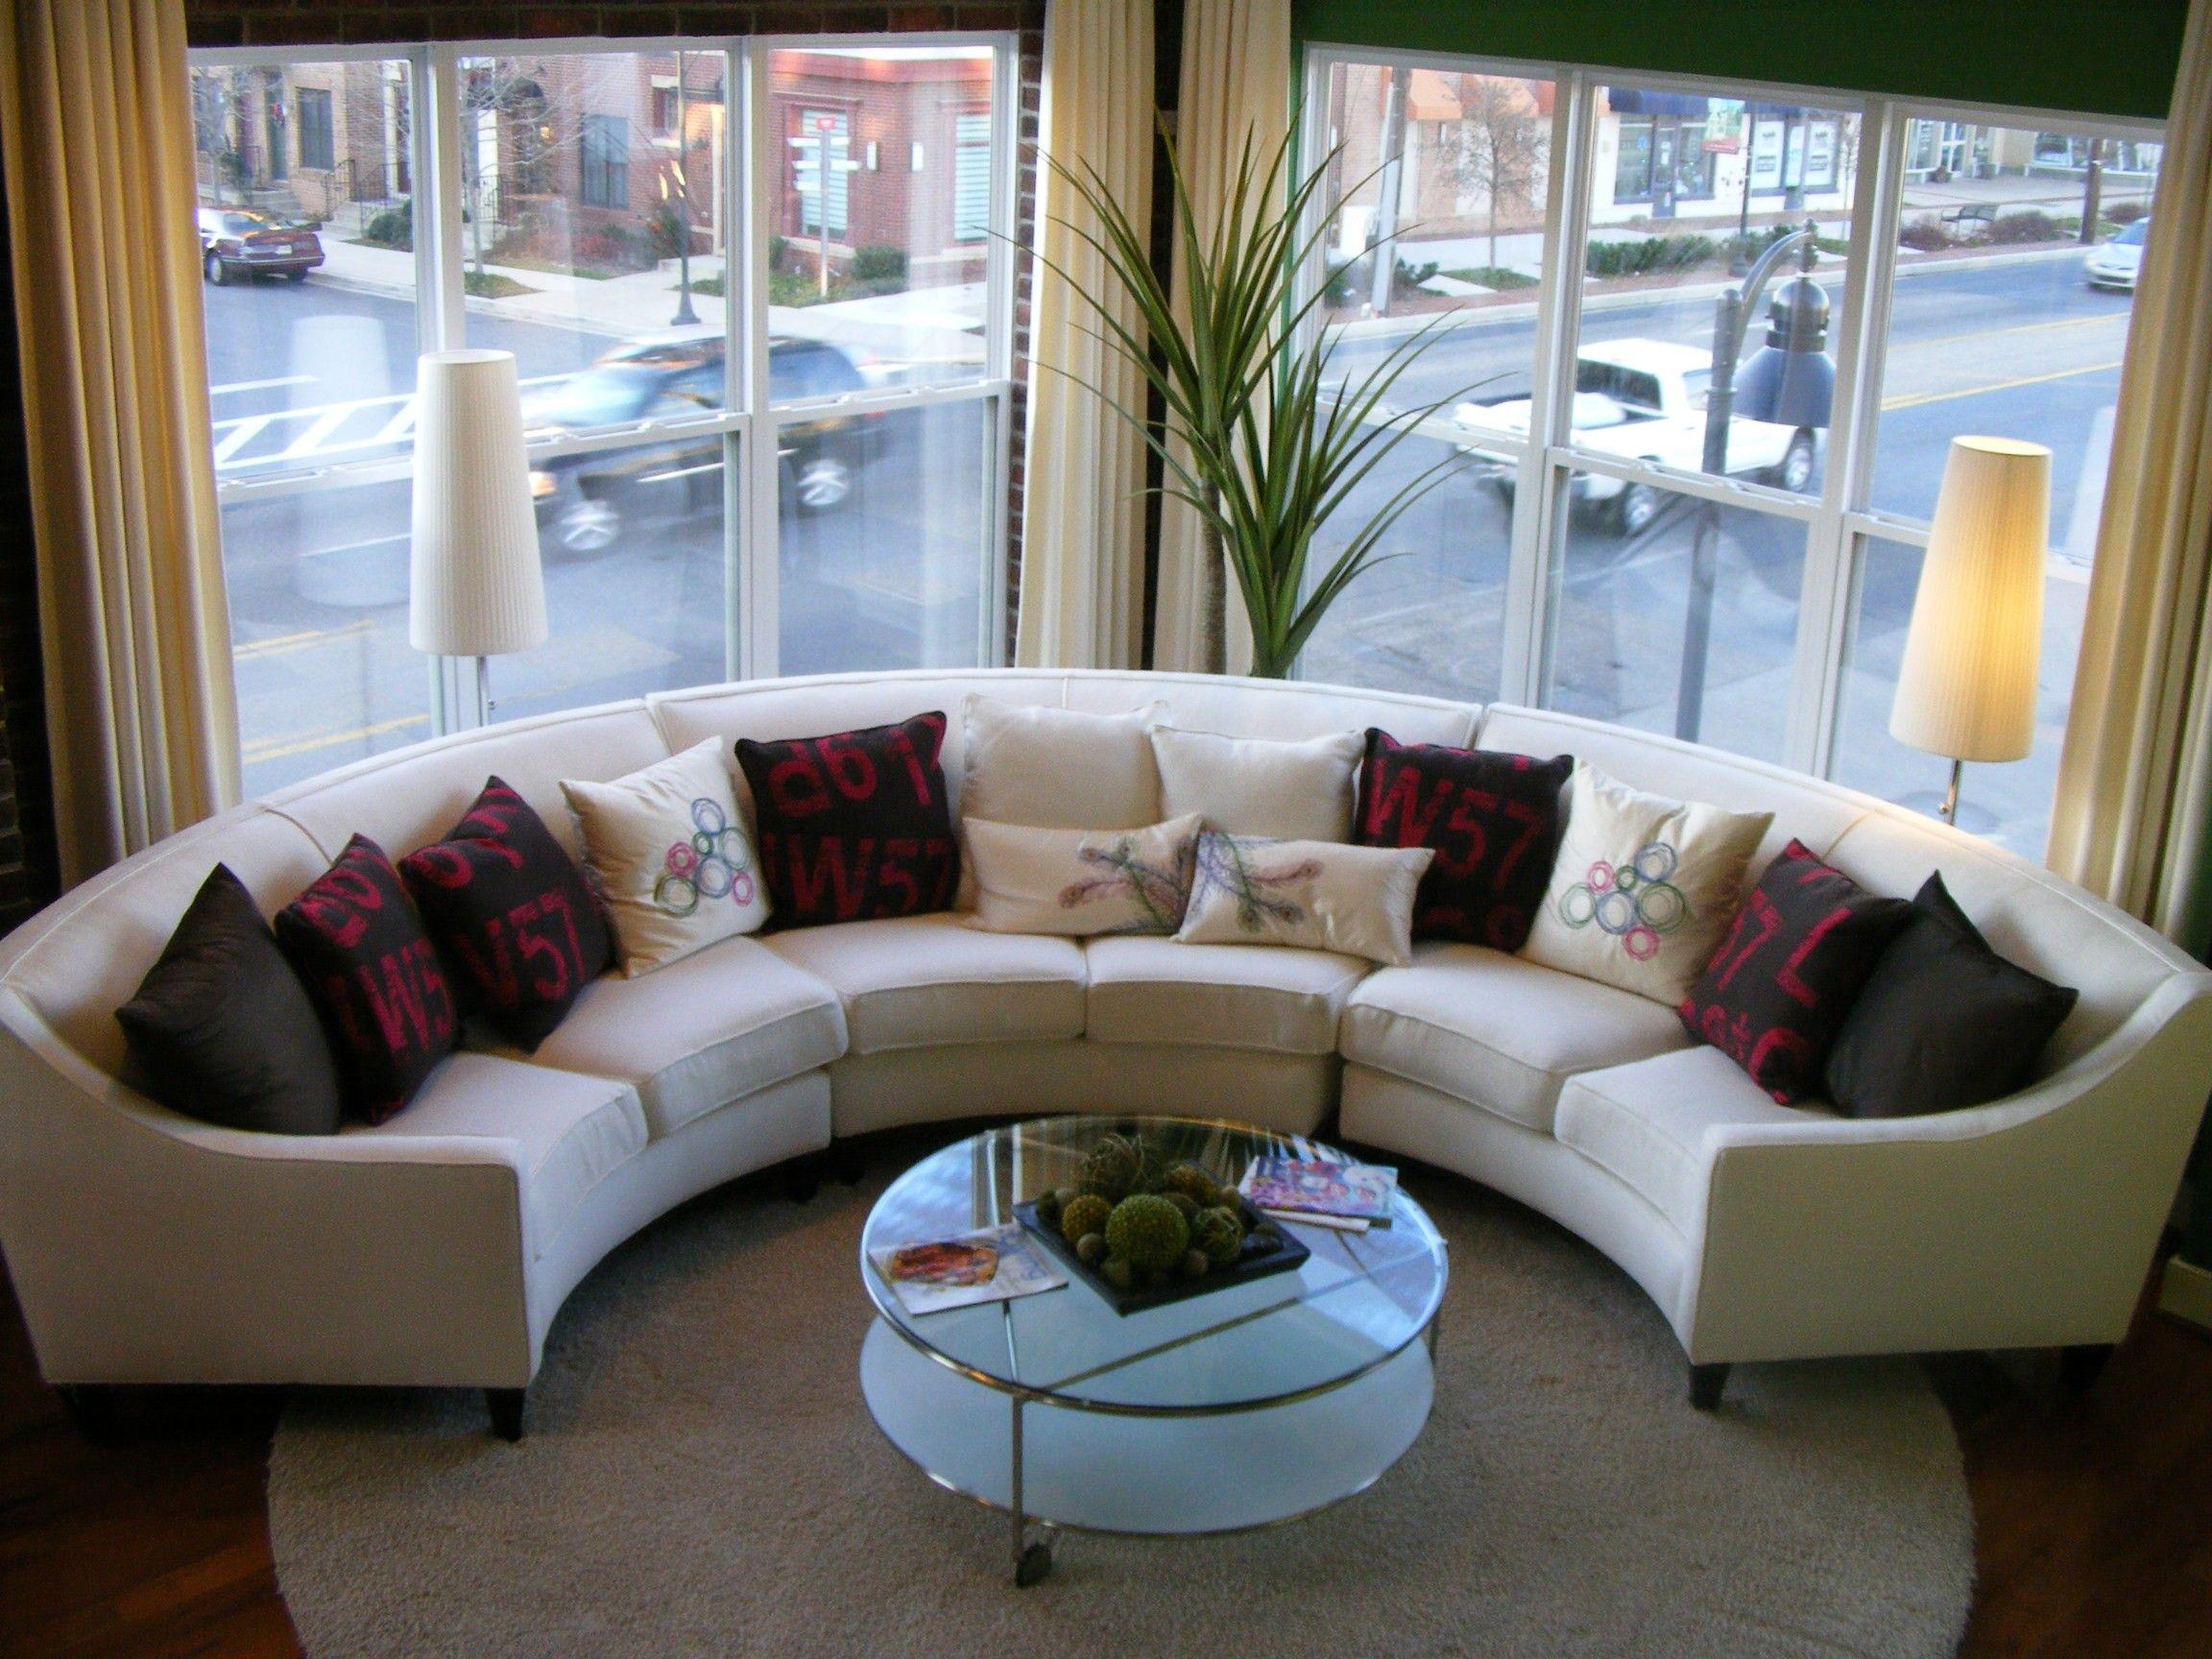 Sofa Set Designs For Small Living Room - Designer sofas for living room